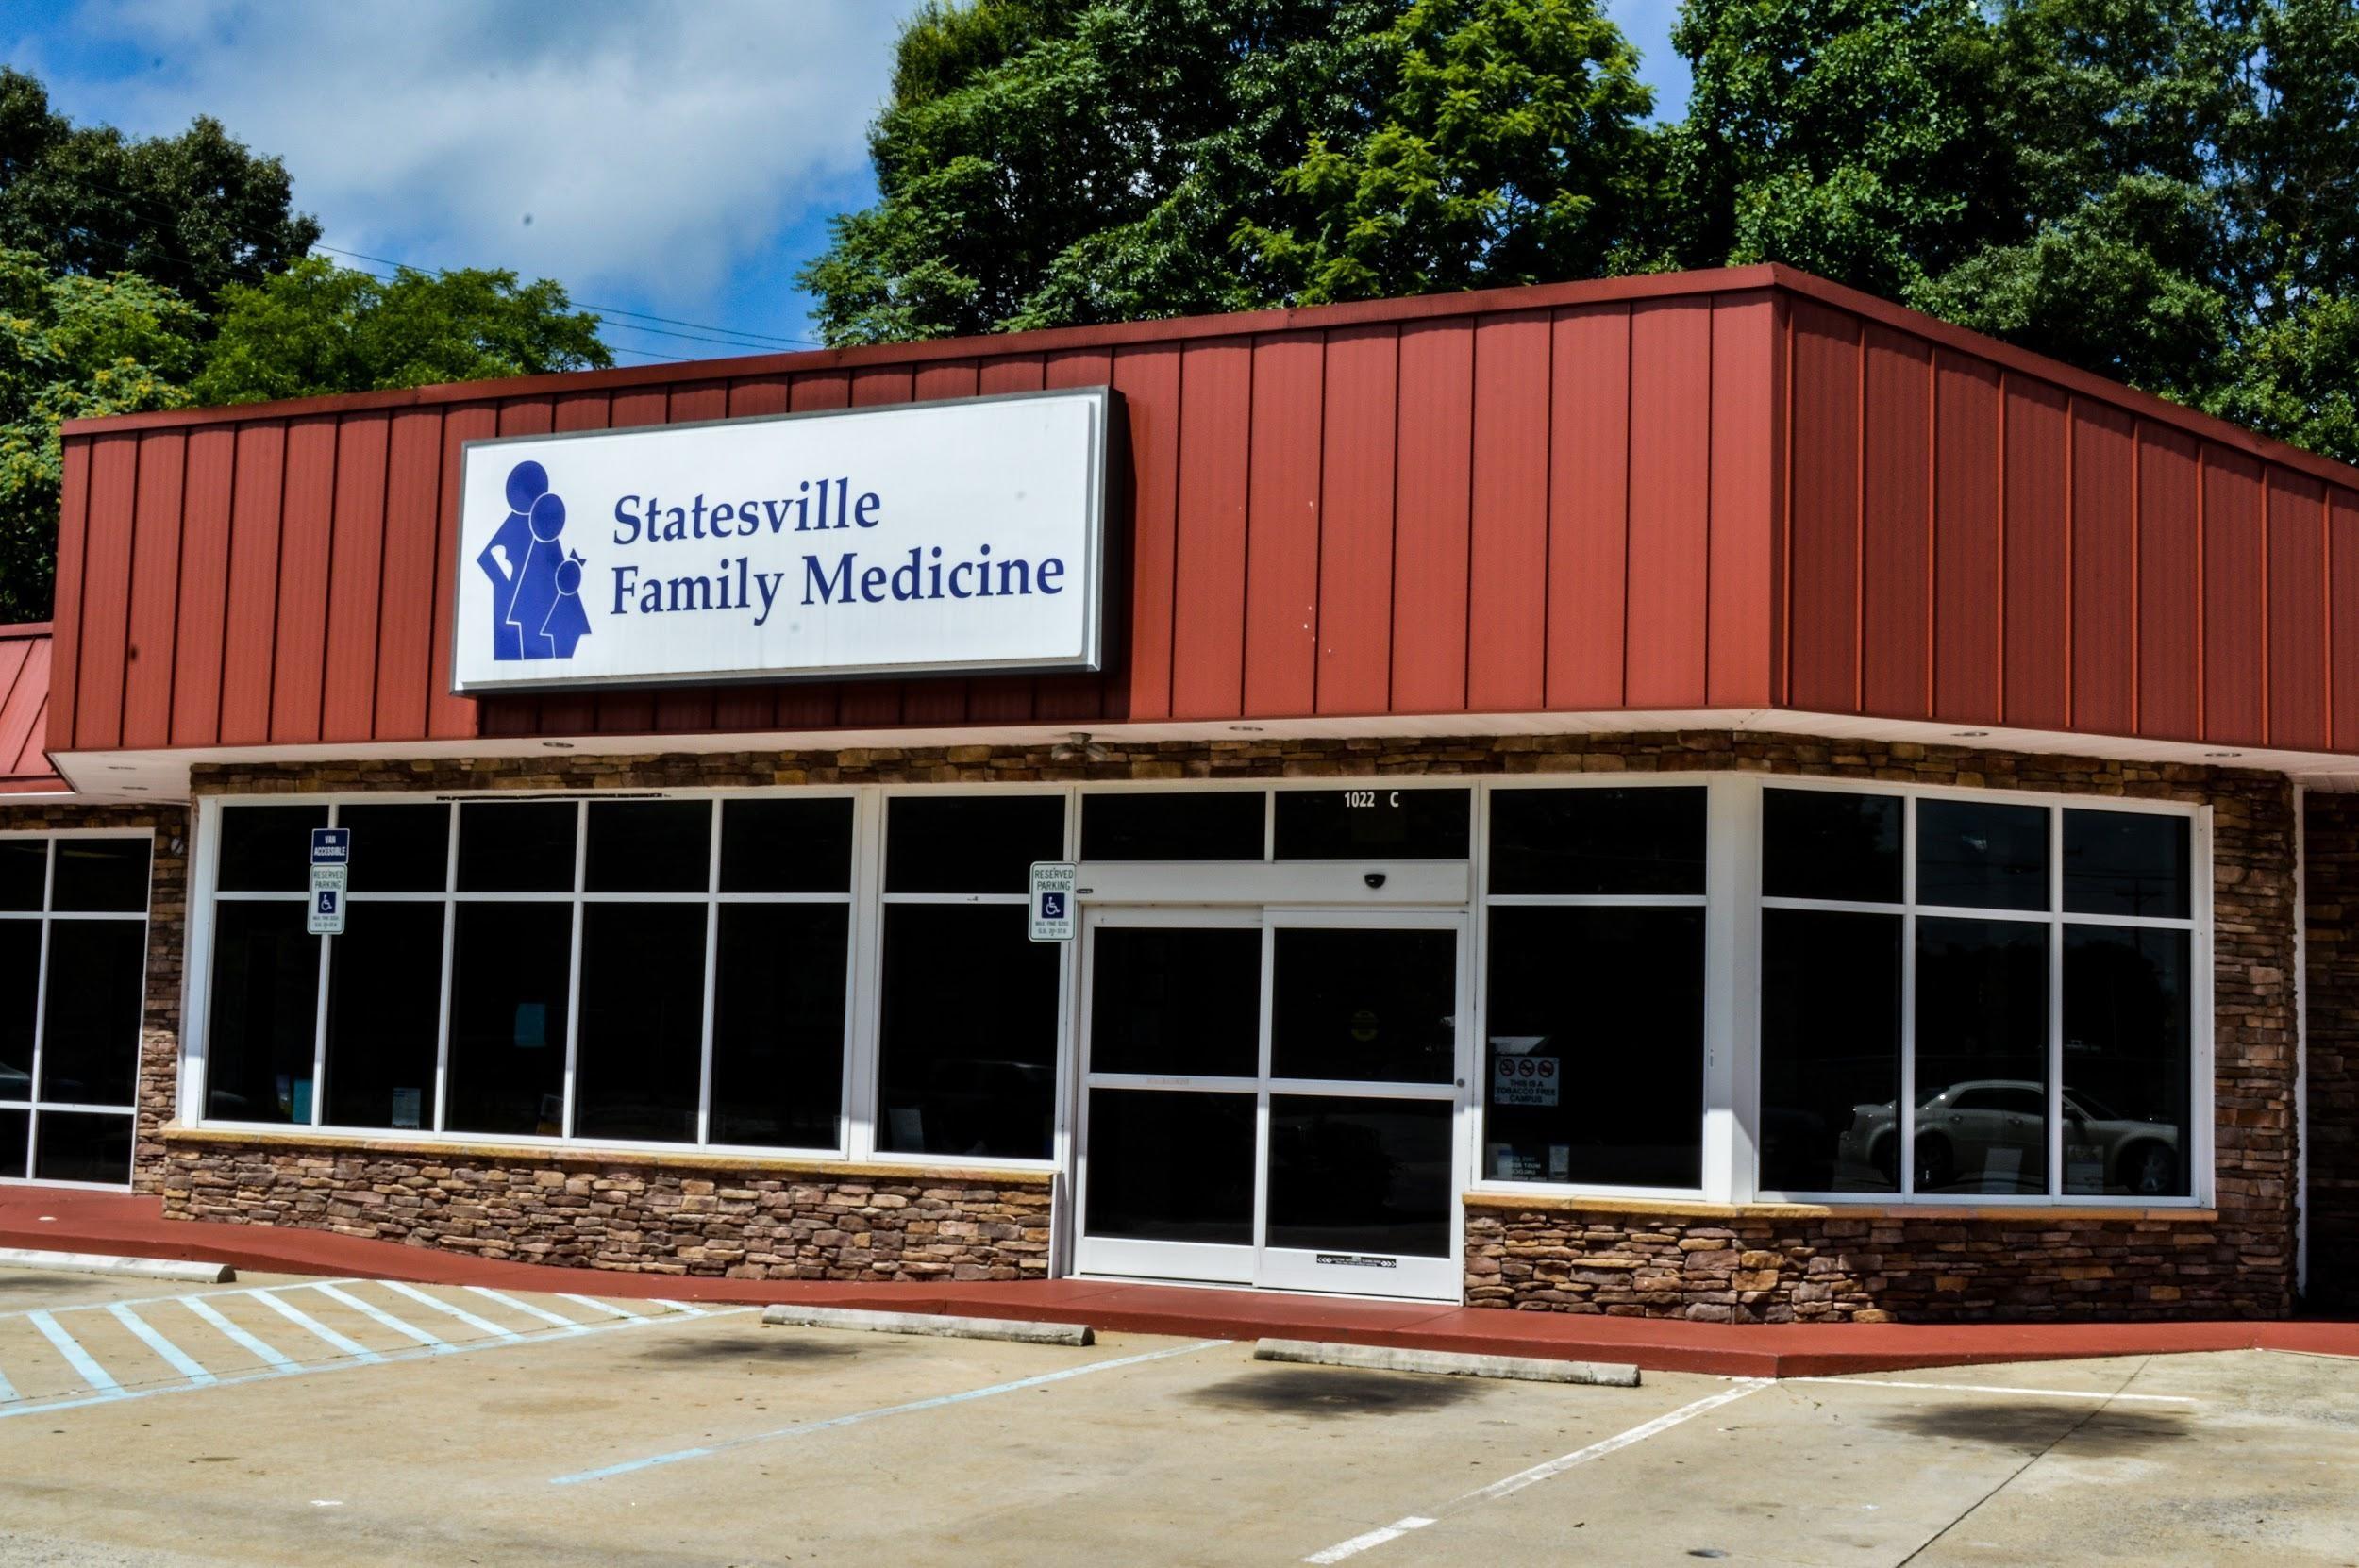 Commercial Statesville Family Medicine.jpg